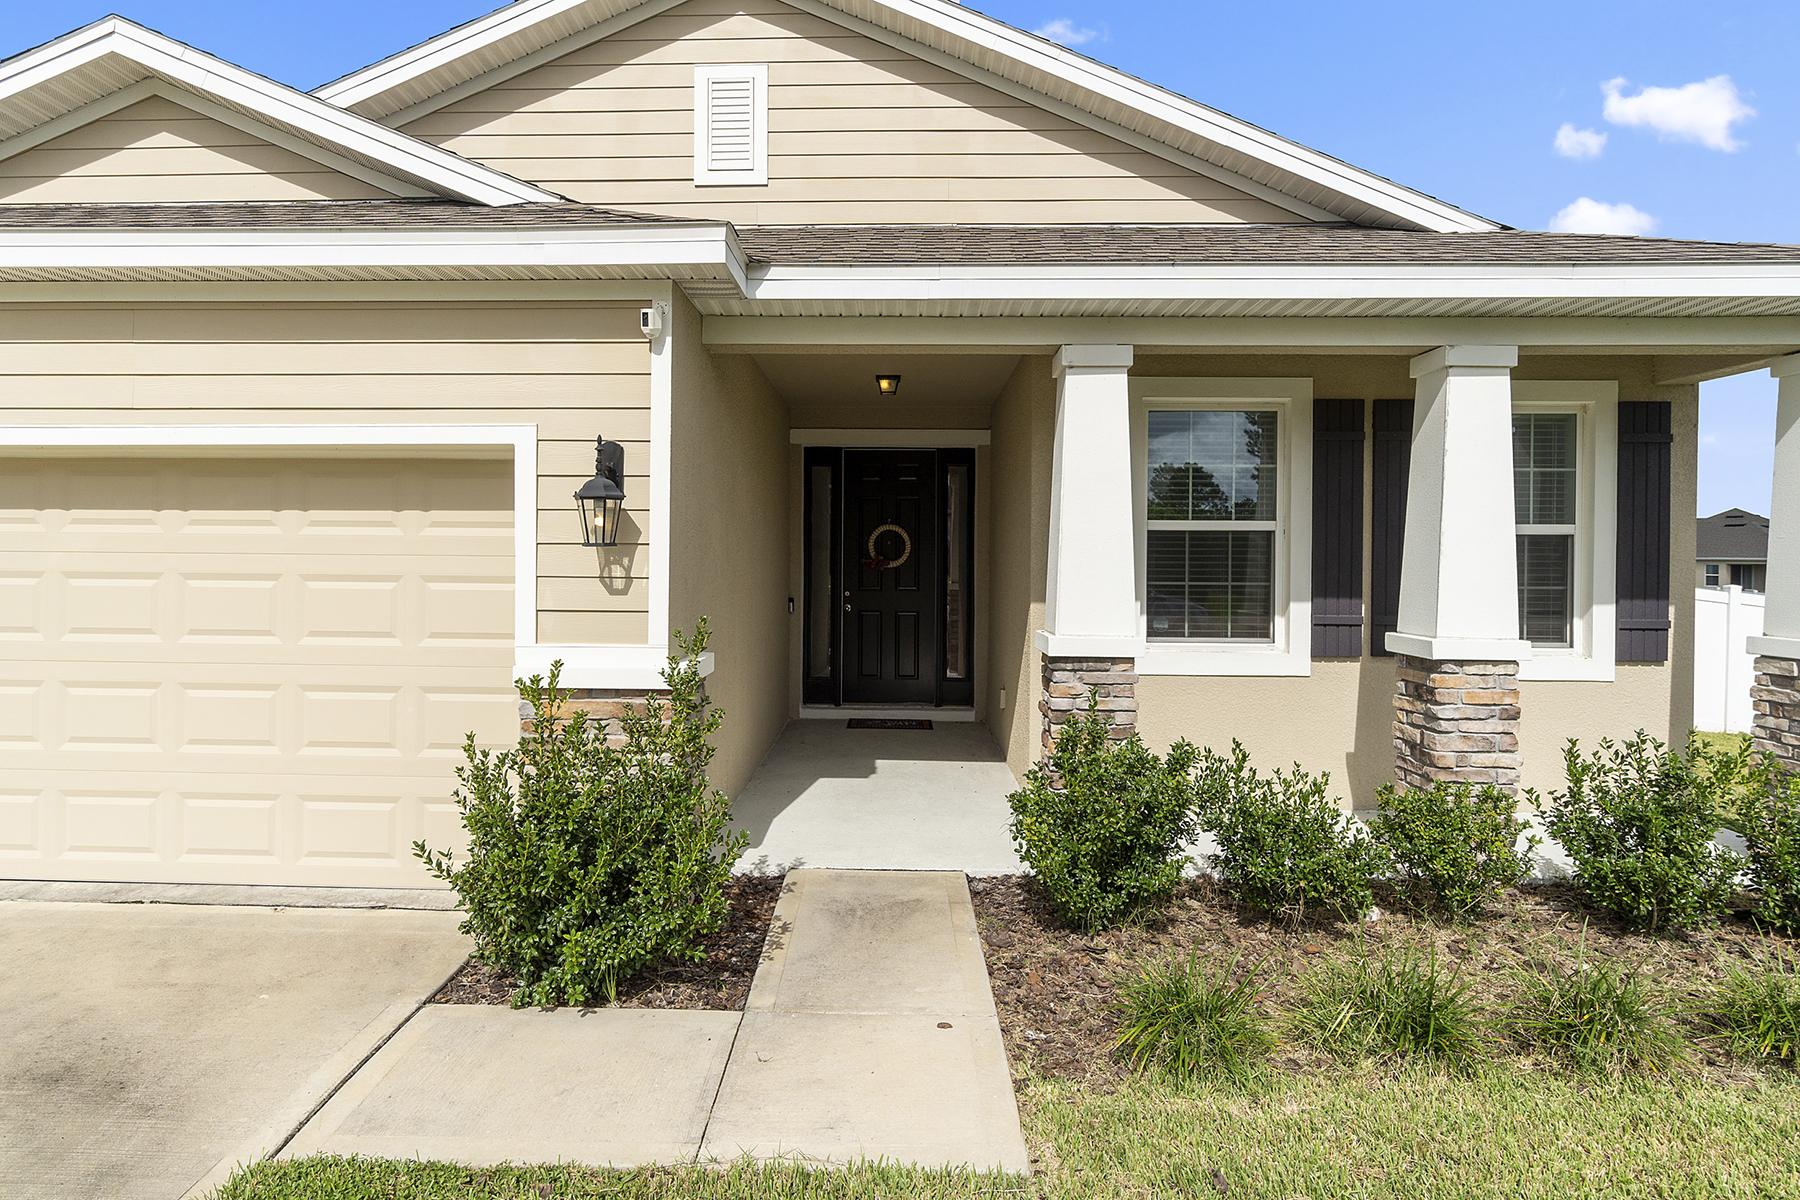 Single Family Homes für Verkauf beim OCALA 5033 58th Pl, Ocala, Florida 34474 Vereinigte Staaten